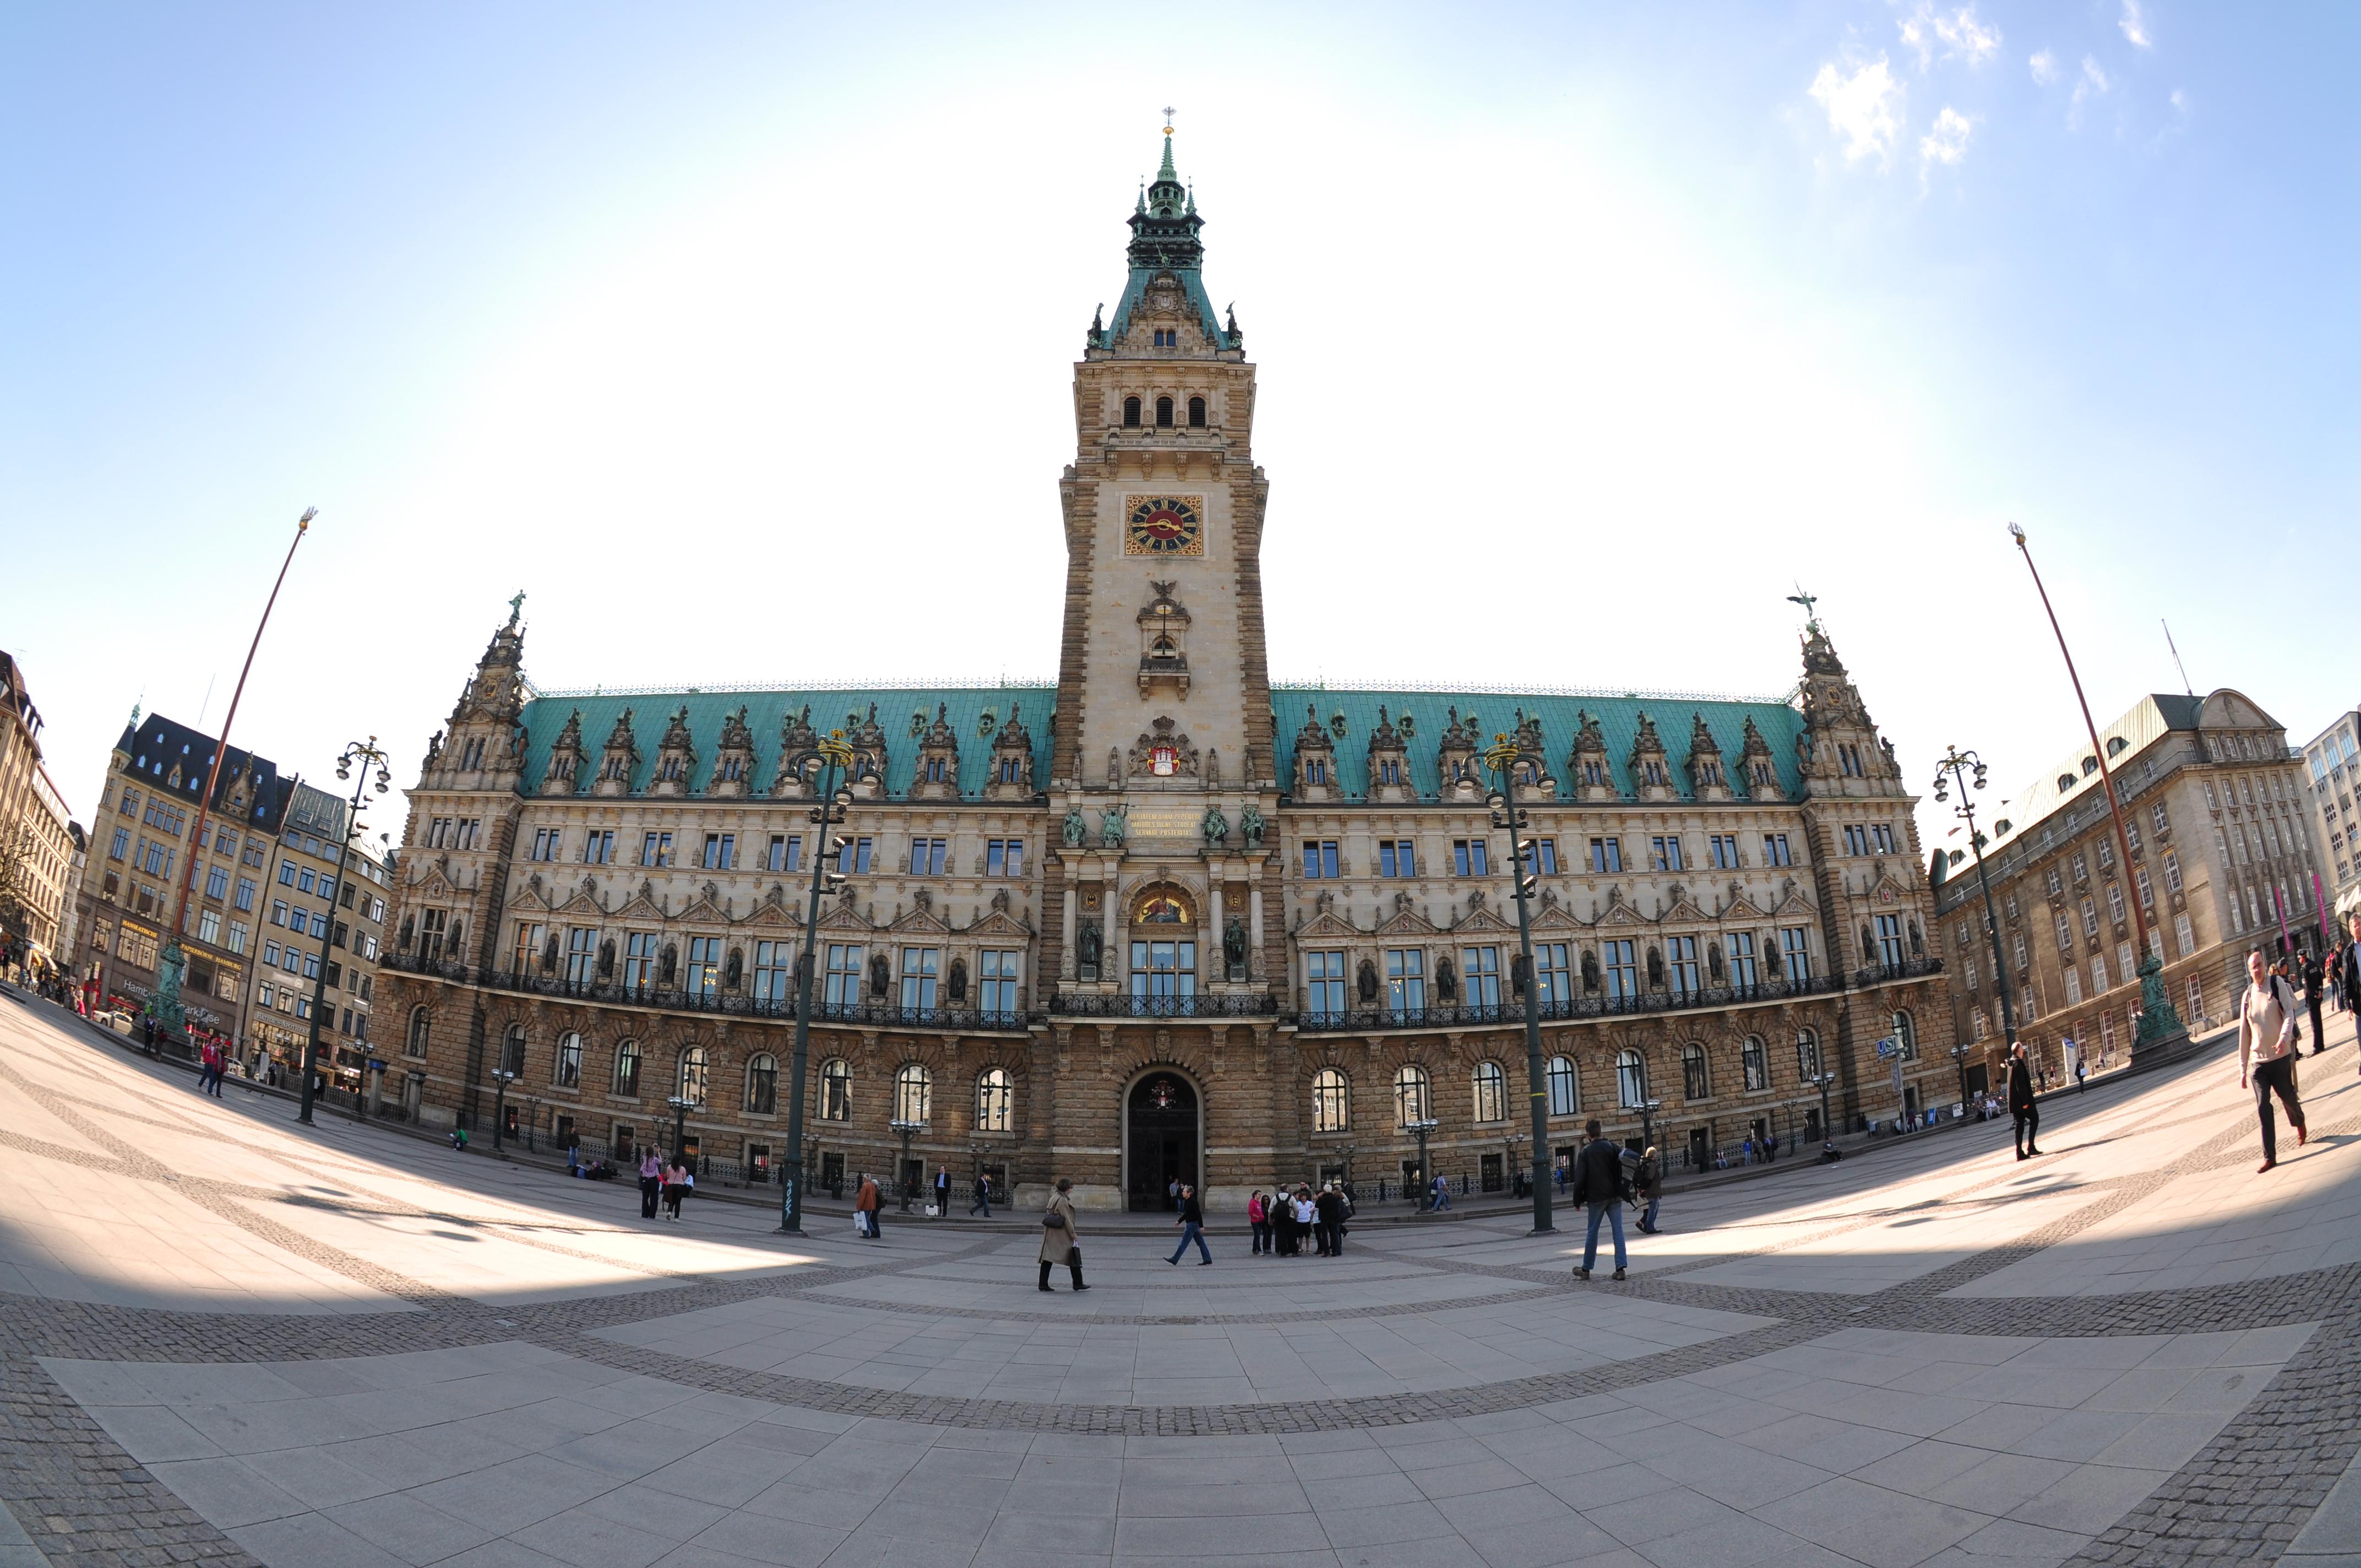 File:Hamburg town hall.JPG - Wikimedia Commonshamburg town